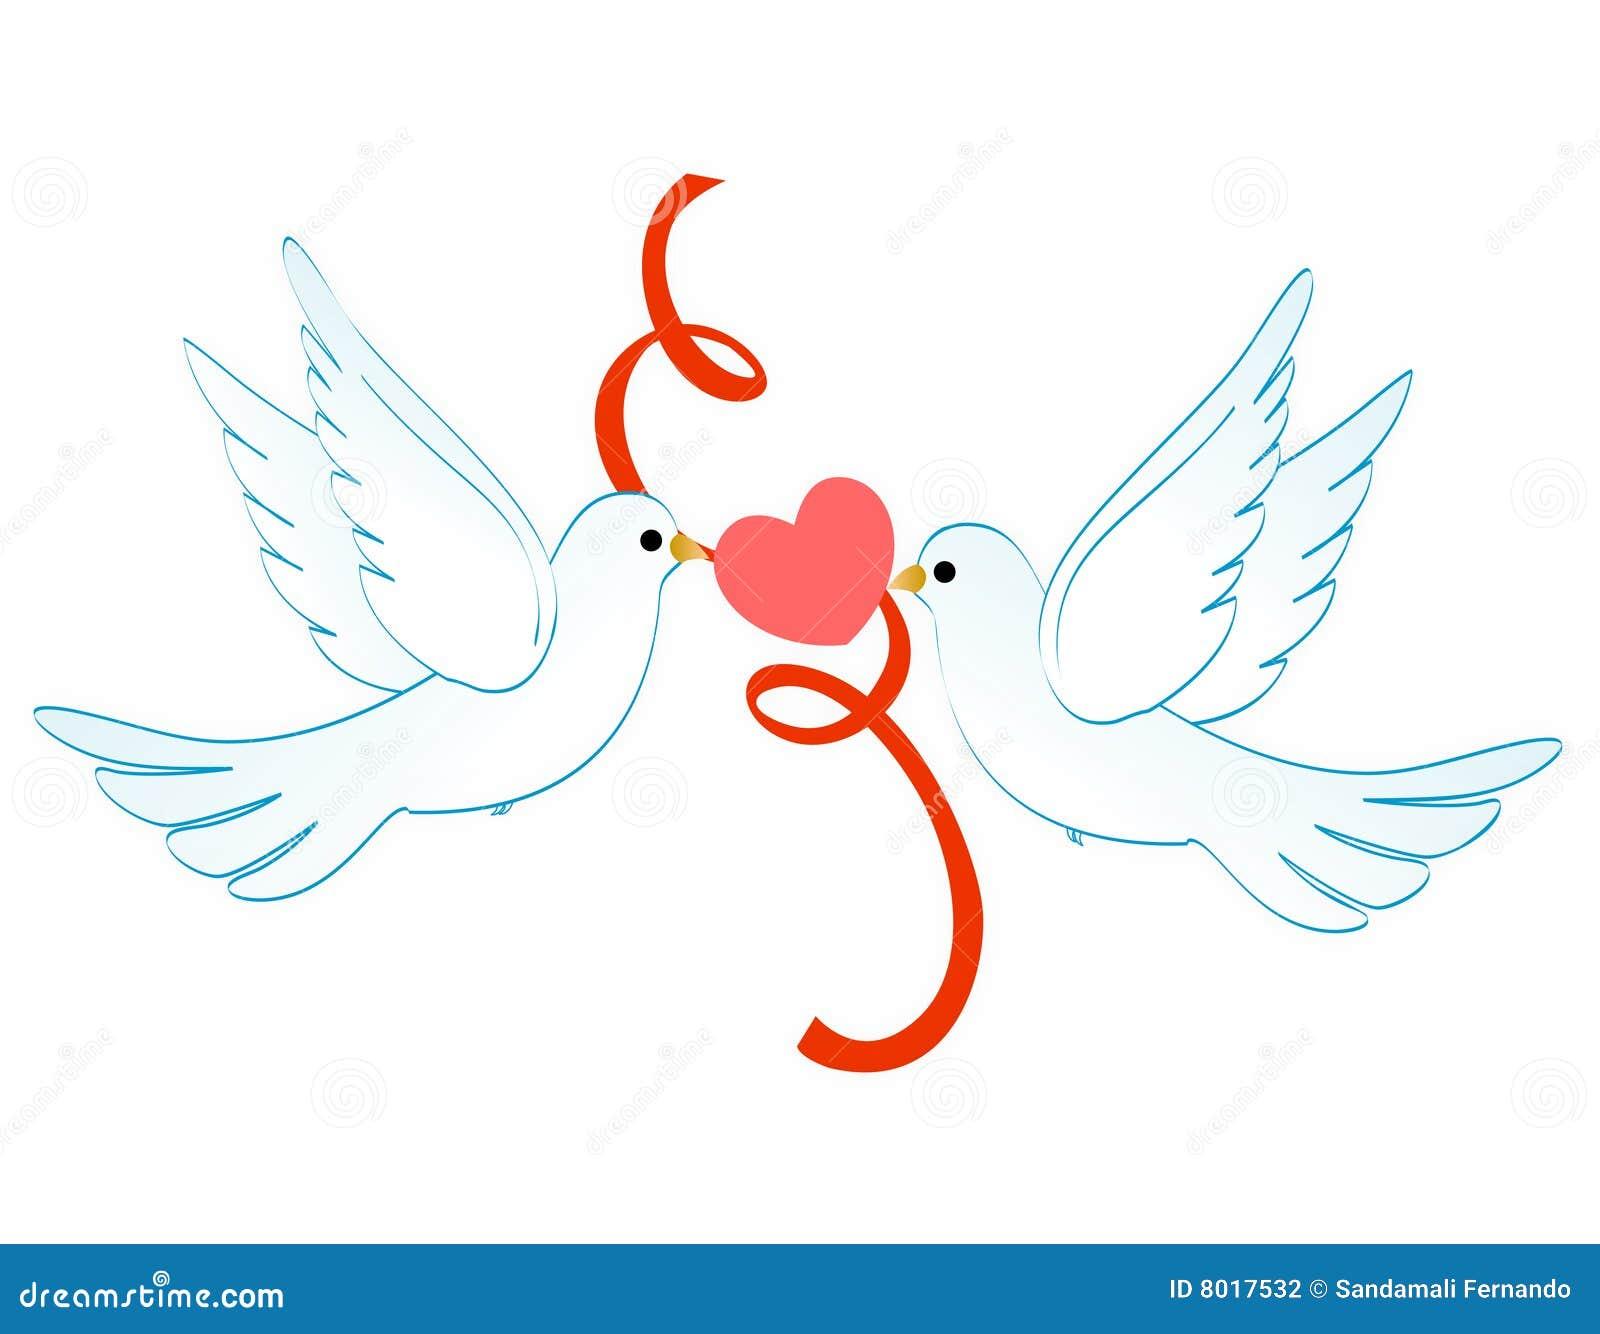 doves of love stock vector illustration of doves shape 8017532 rh dreamstime com wedding doves clipart free Black and White Wedding Doves Clip Art